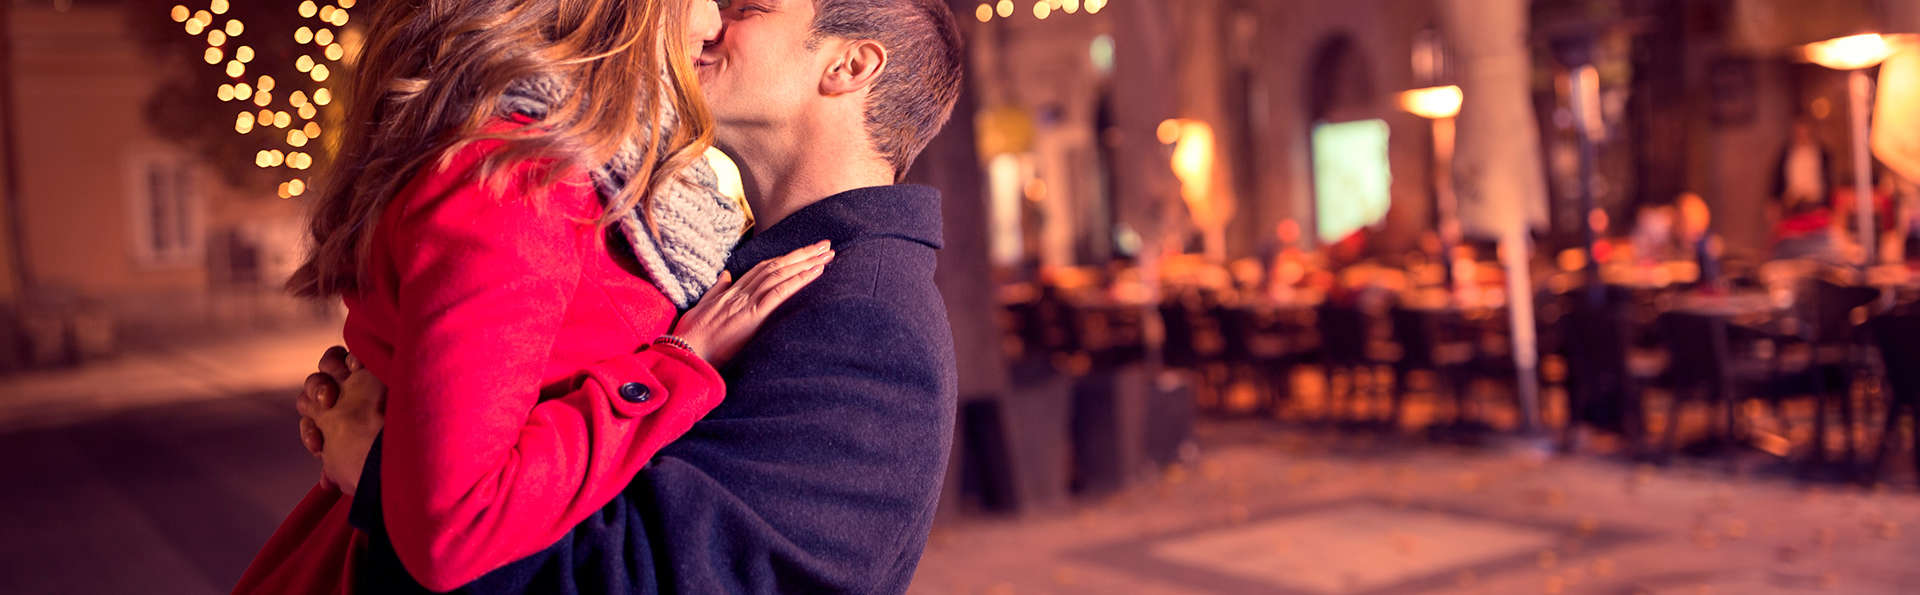 Spécial Saint-Valentin : Romance et séjour en amoureux au cœur de Bruxelles